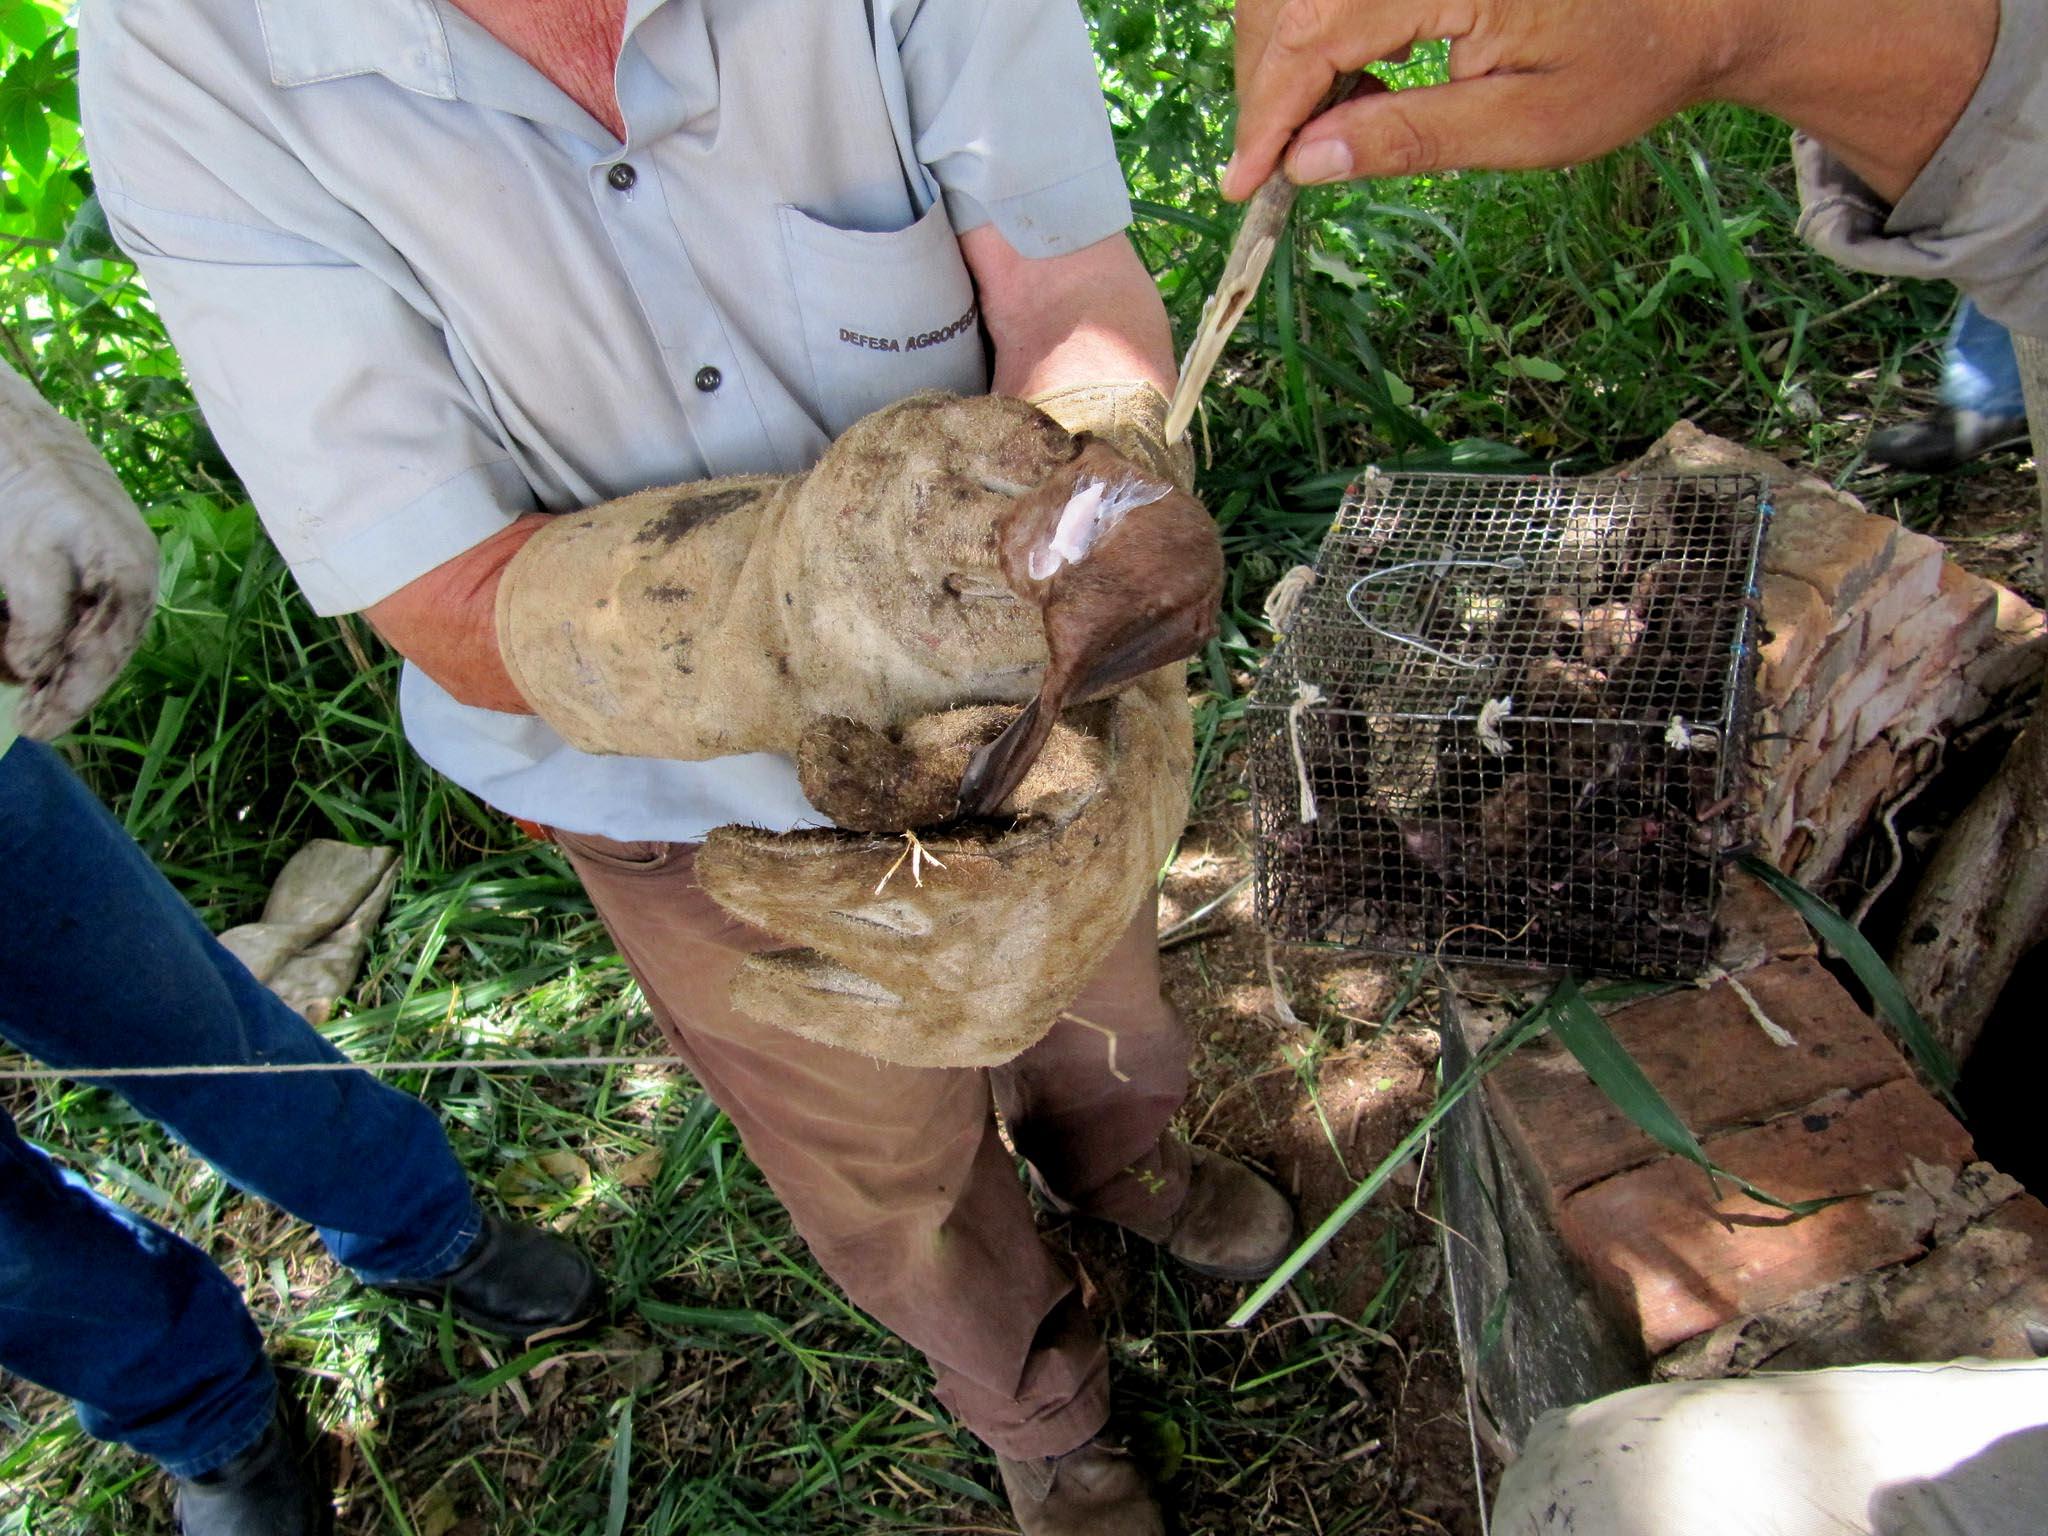 Especialista faz alerta para o uso de veneno em morcegos no Rio Unini